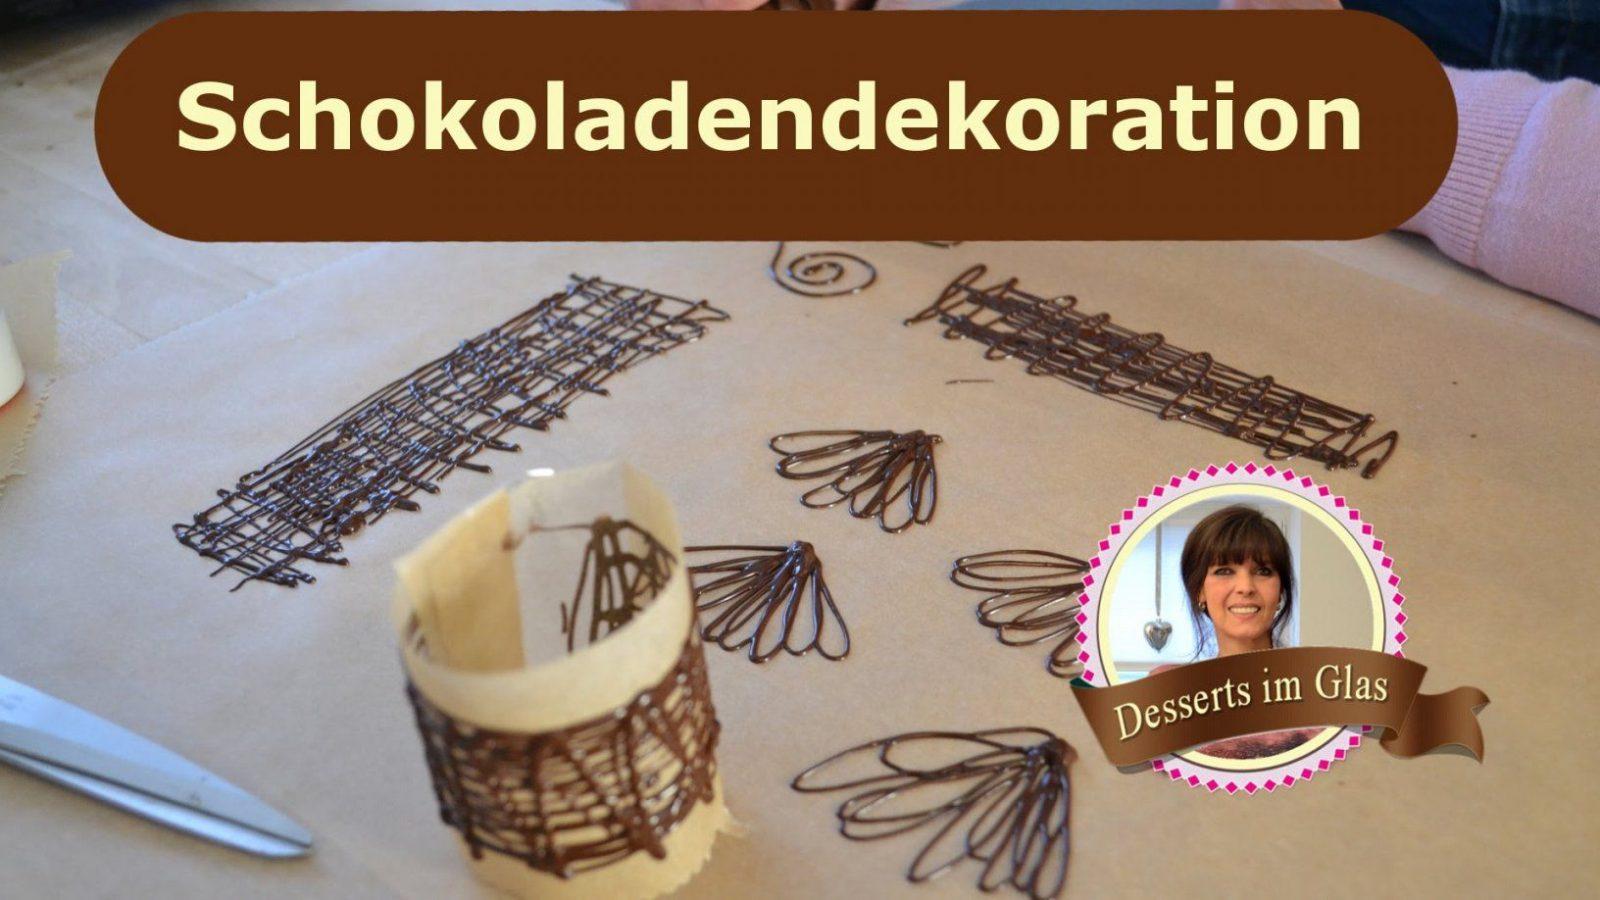 Schokoladen Dekor Für Desserts Und Kuchen Selber Machen  Schoko von Kuchen Dekoration Selber Machen Photo